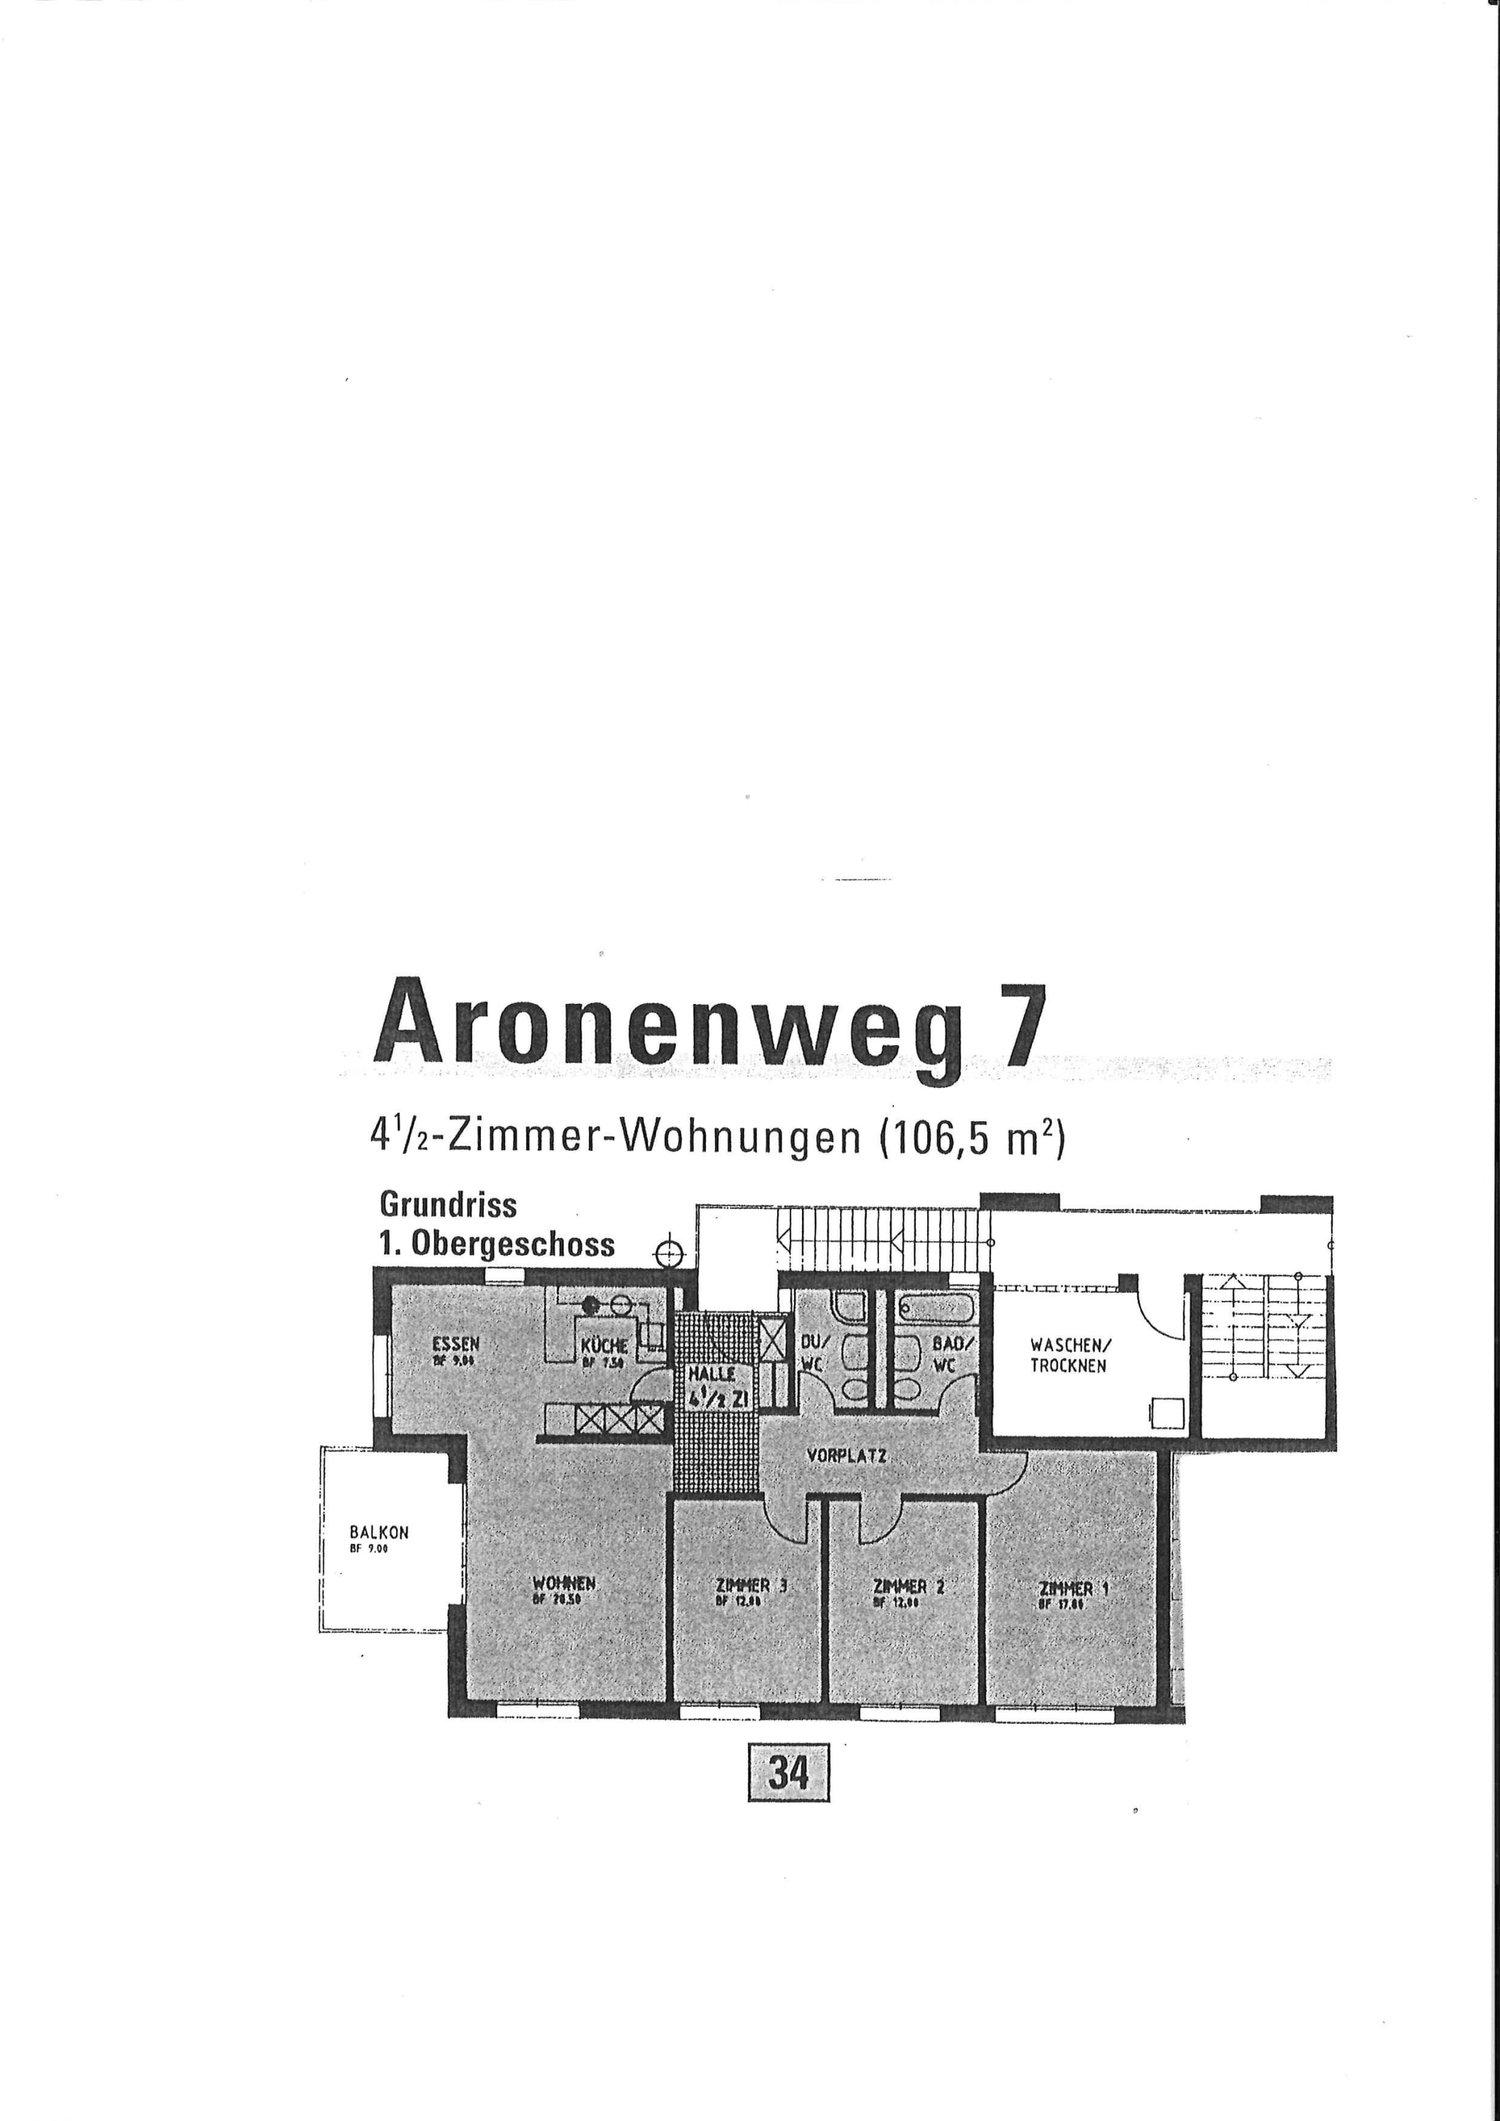 Aronenweg 7